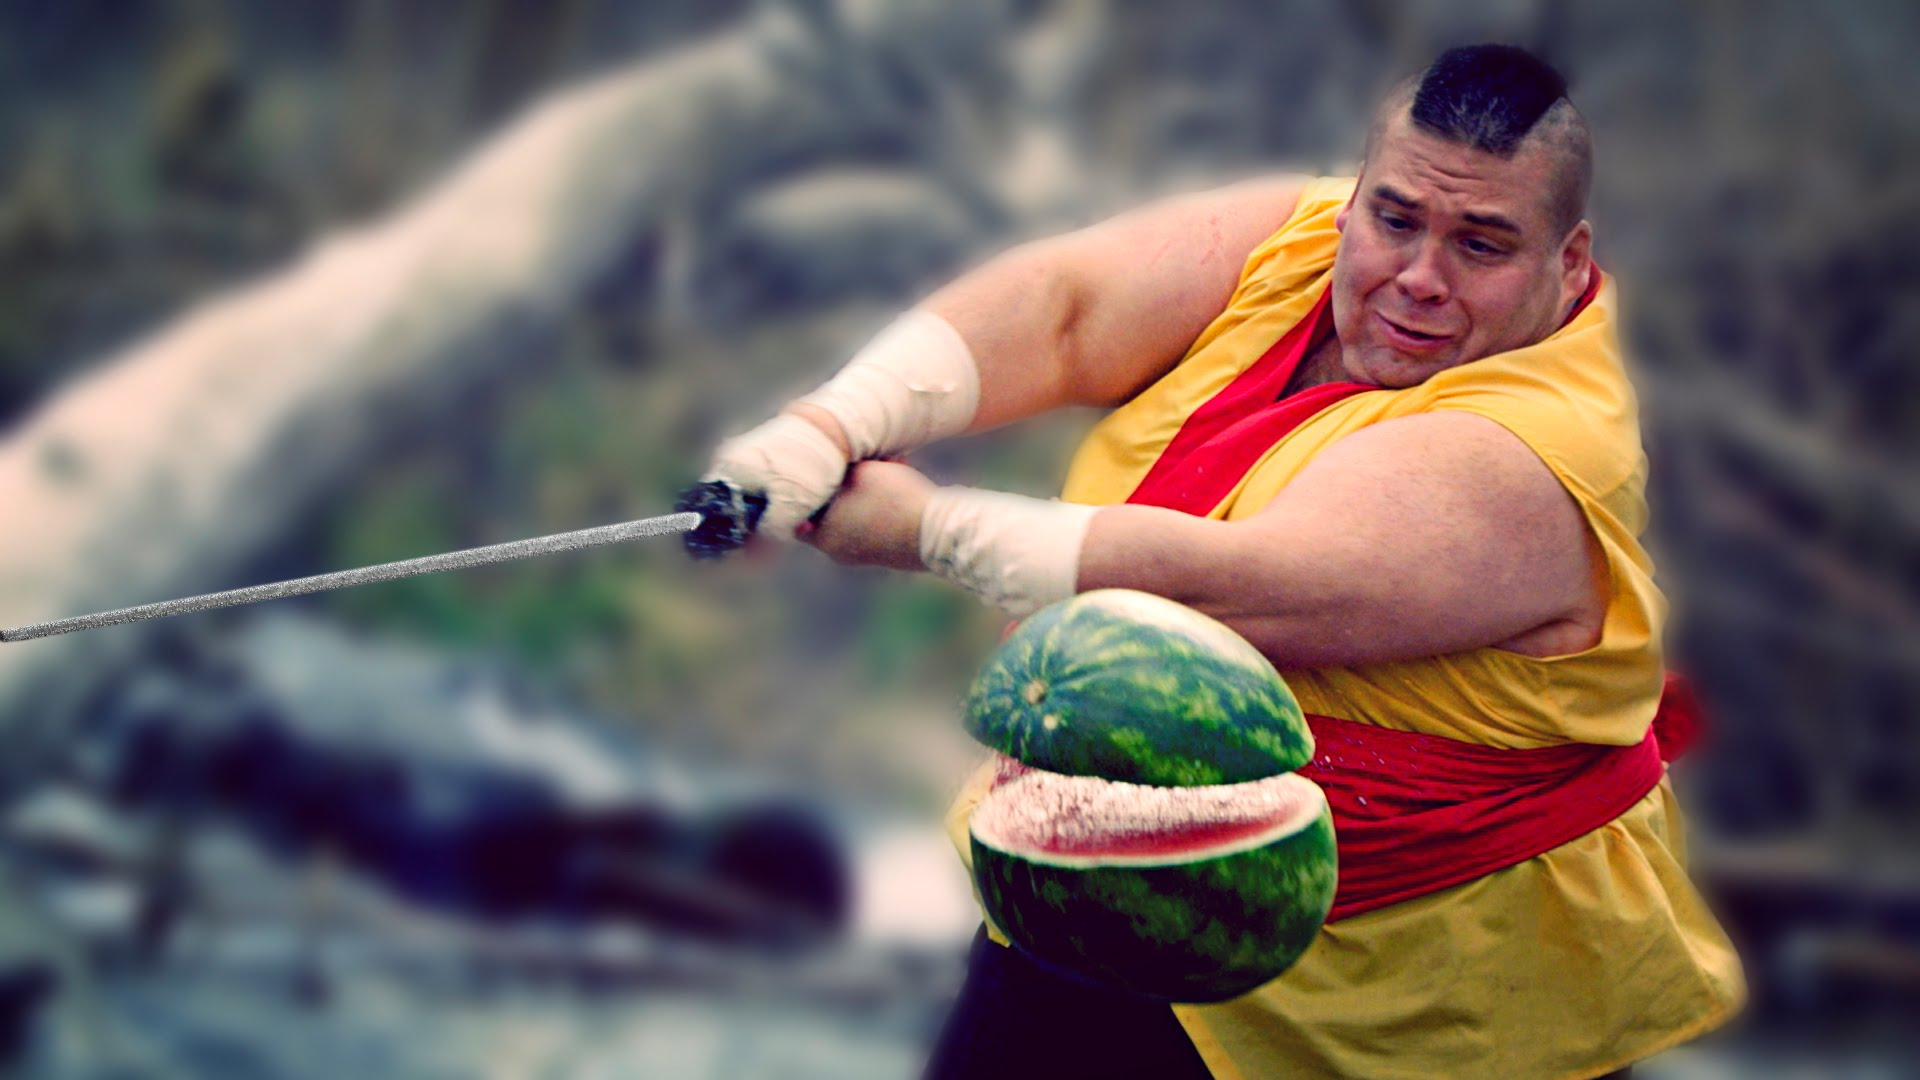 ふくよかな忍者が日本刀で大暴れする動画がシュール